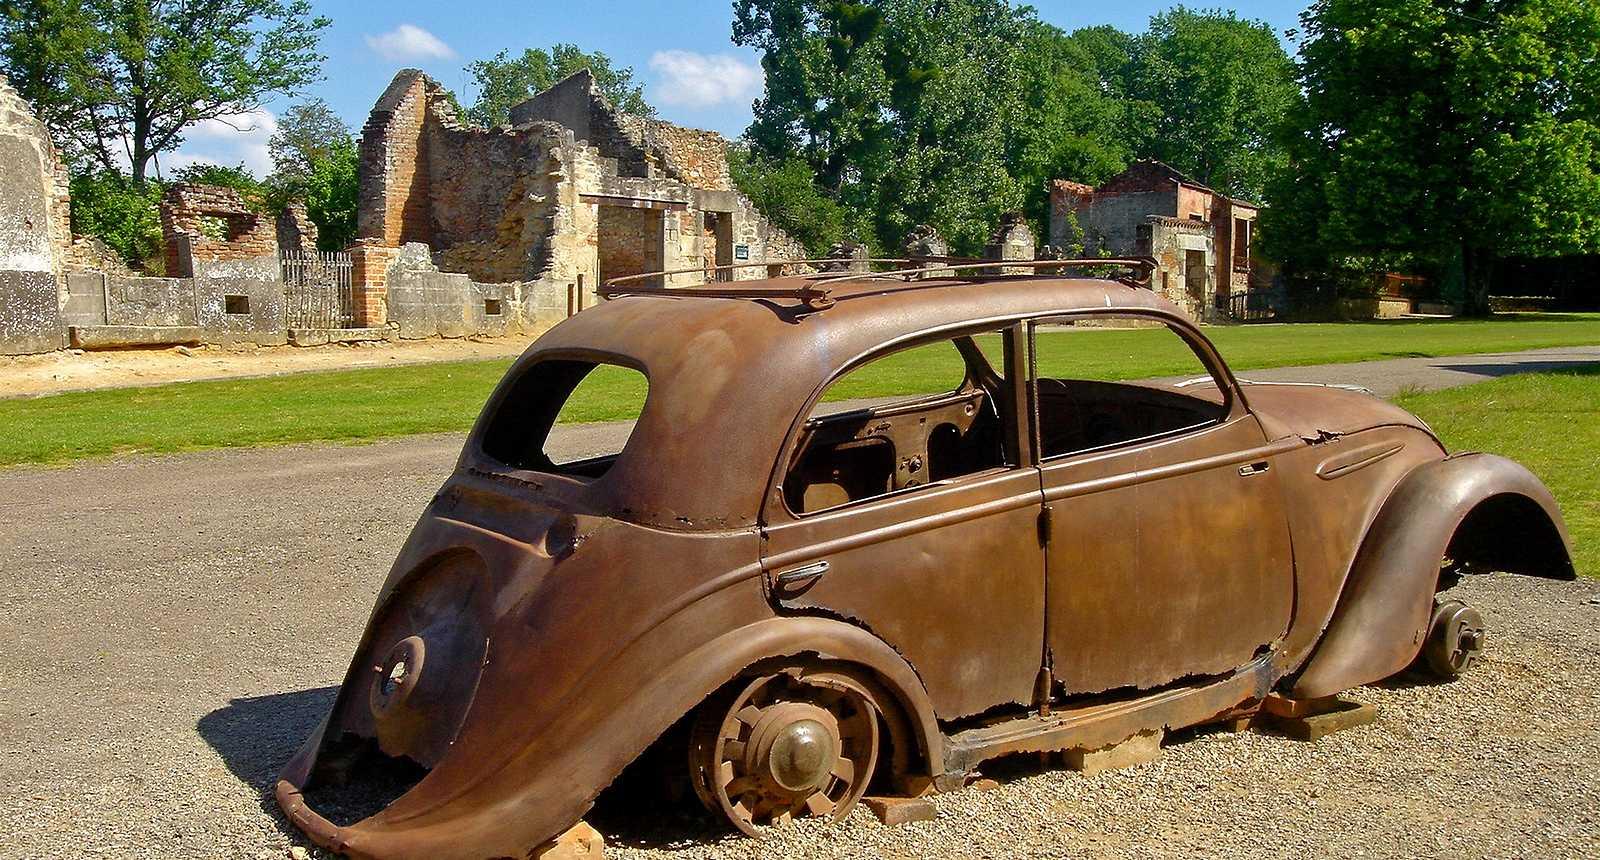 Les ruines du village martyr d'Oradour-sur-Glane